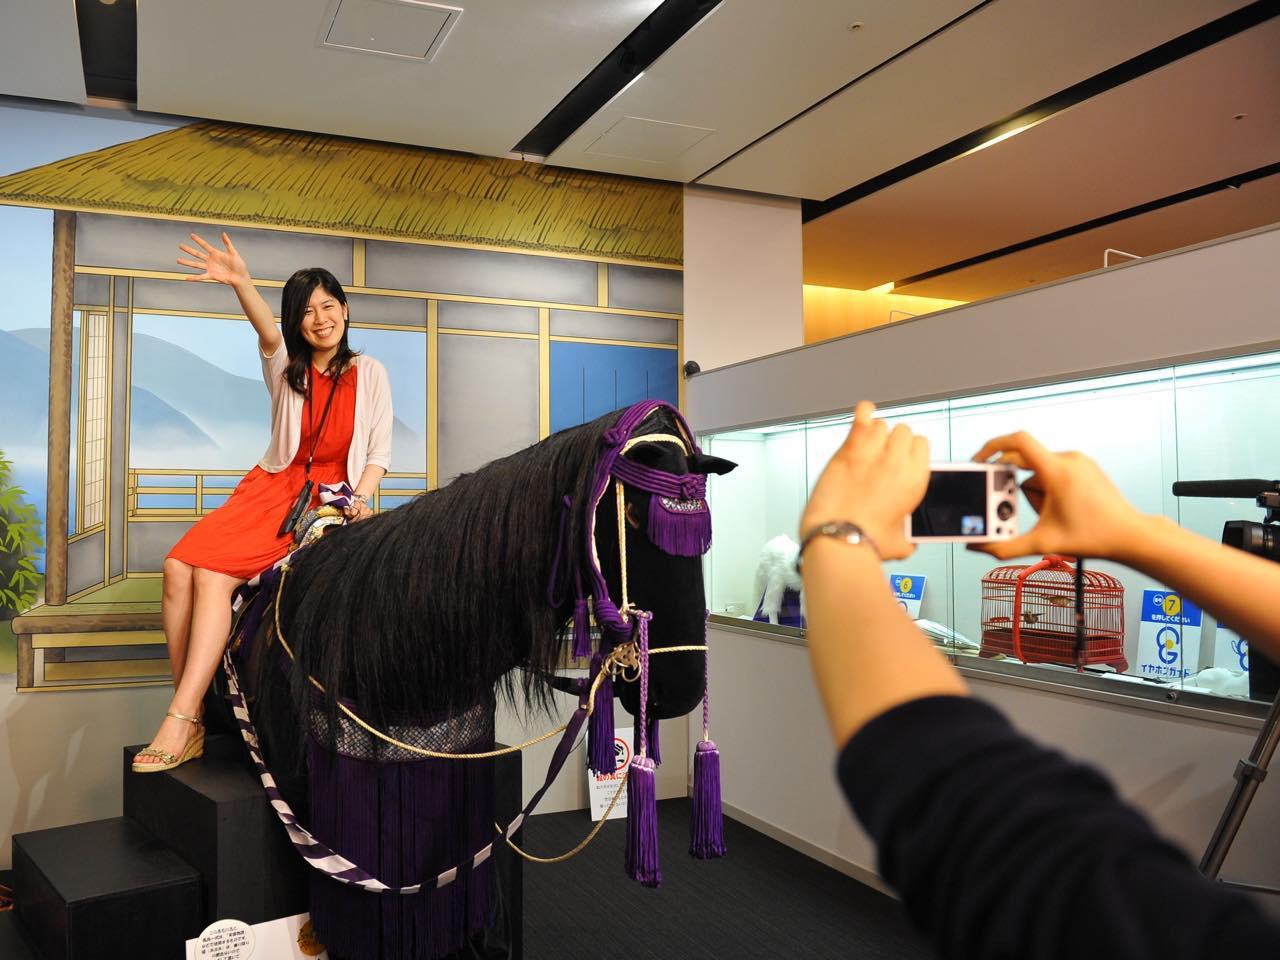 画像1: 「歌舞伎座ギャラリー」「木挽町広場」で歌舞伎の文化に親しむ